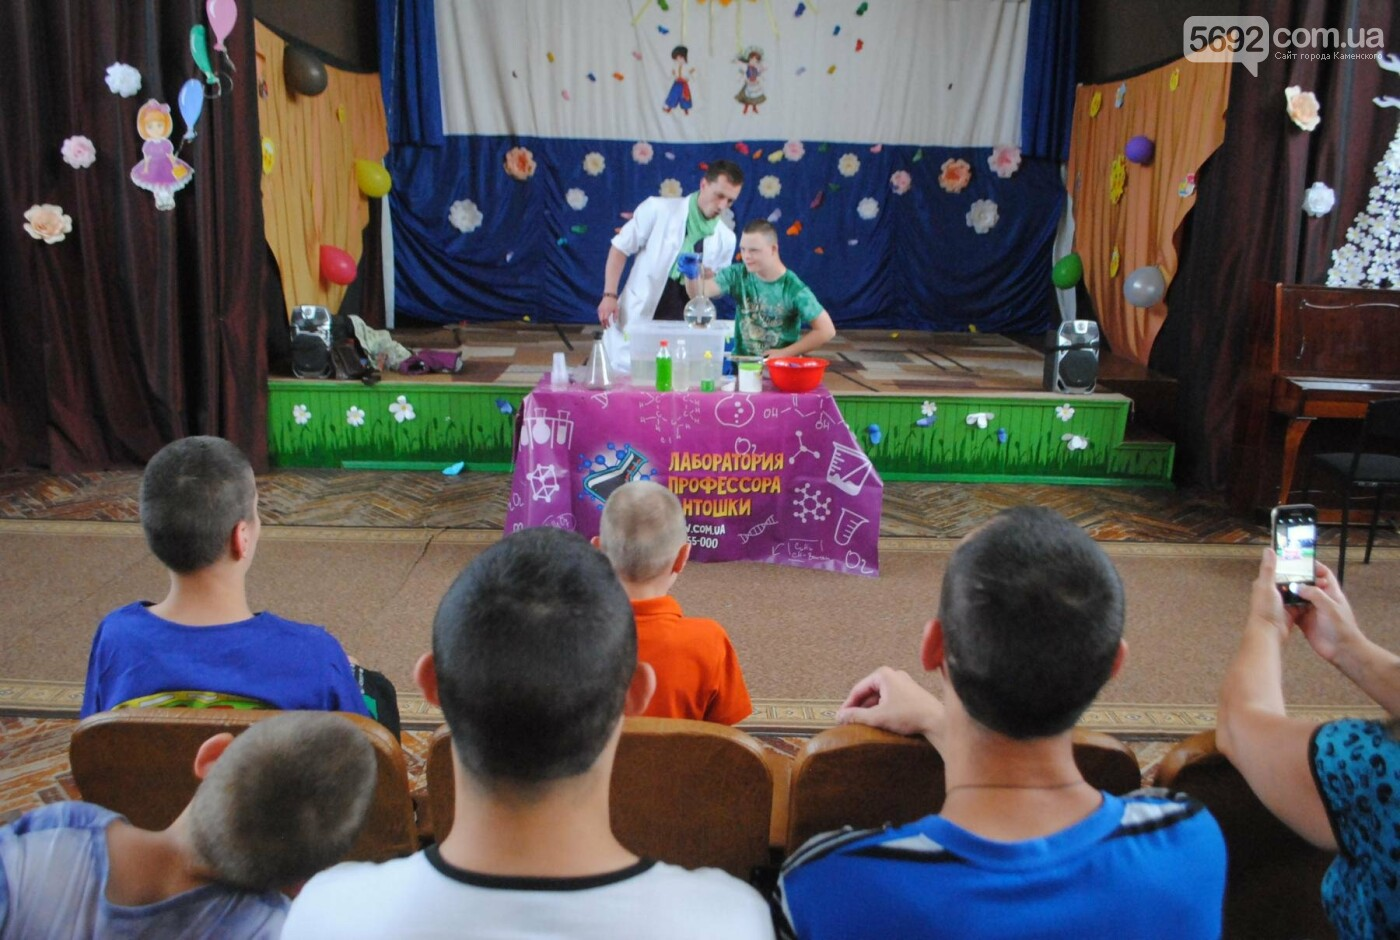 Фонд Александра Петровского поздравил воспитанников интерната, фото-14